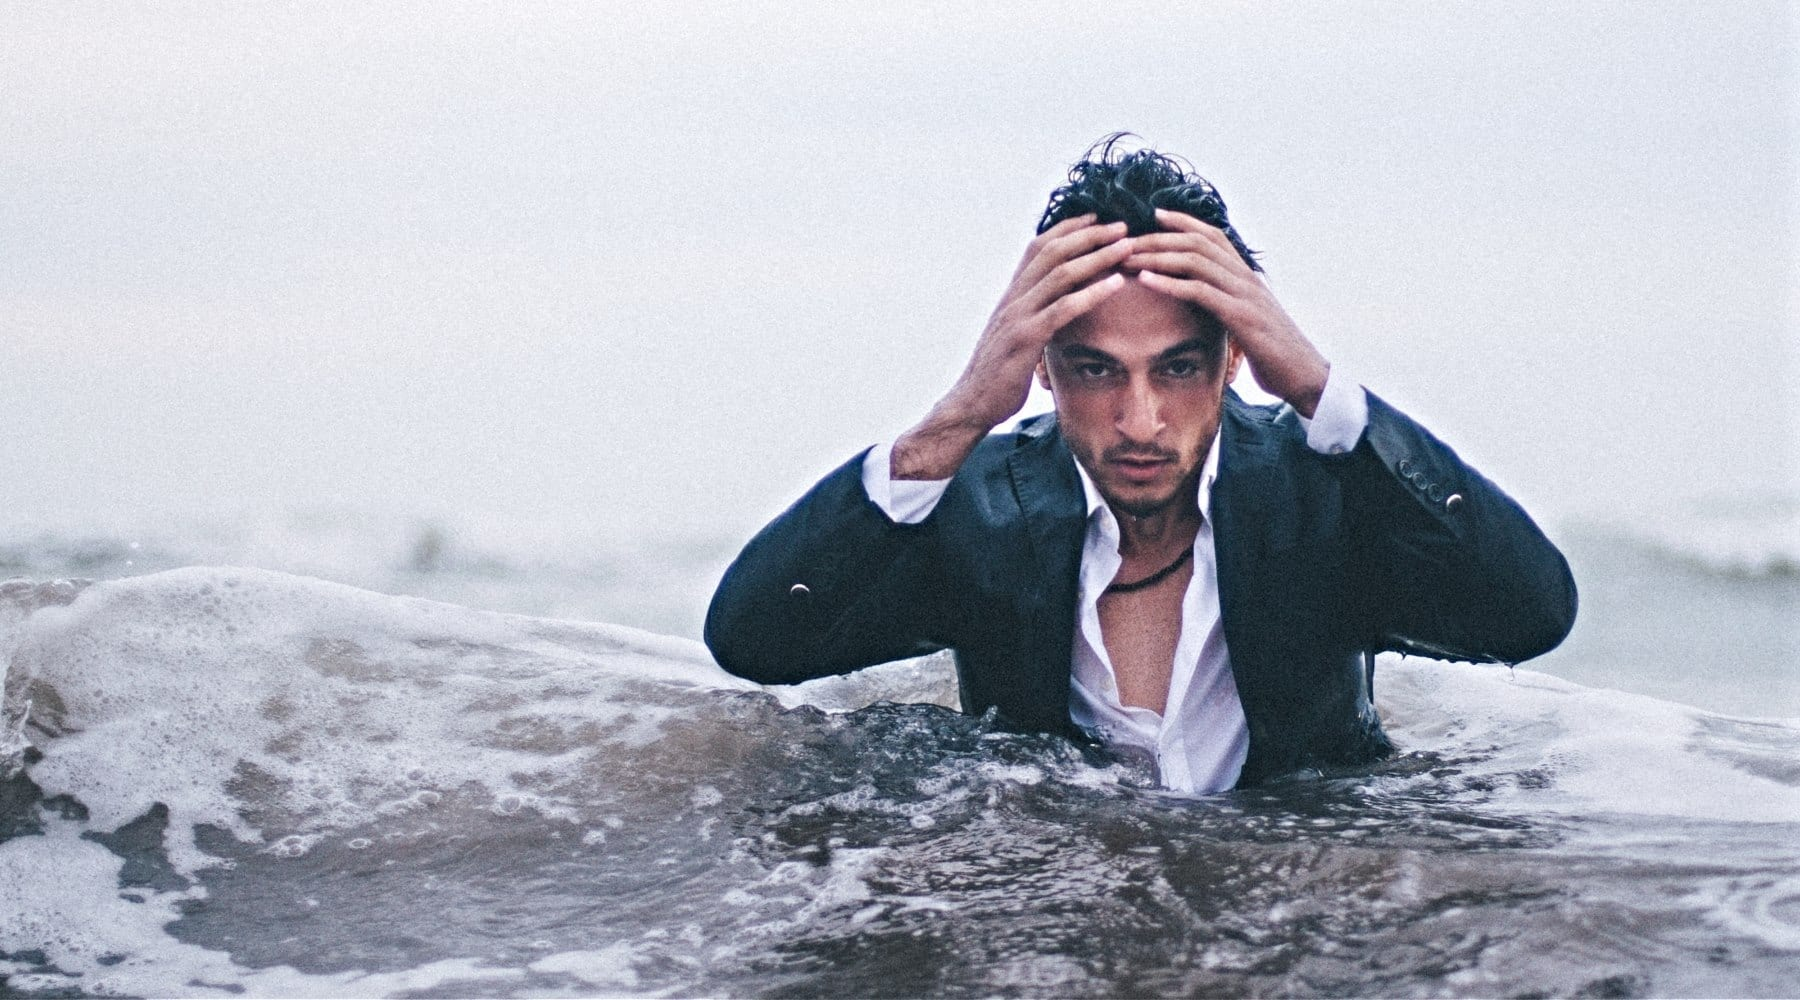 Stressed man standing in ocean